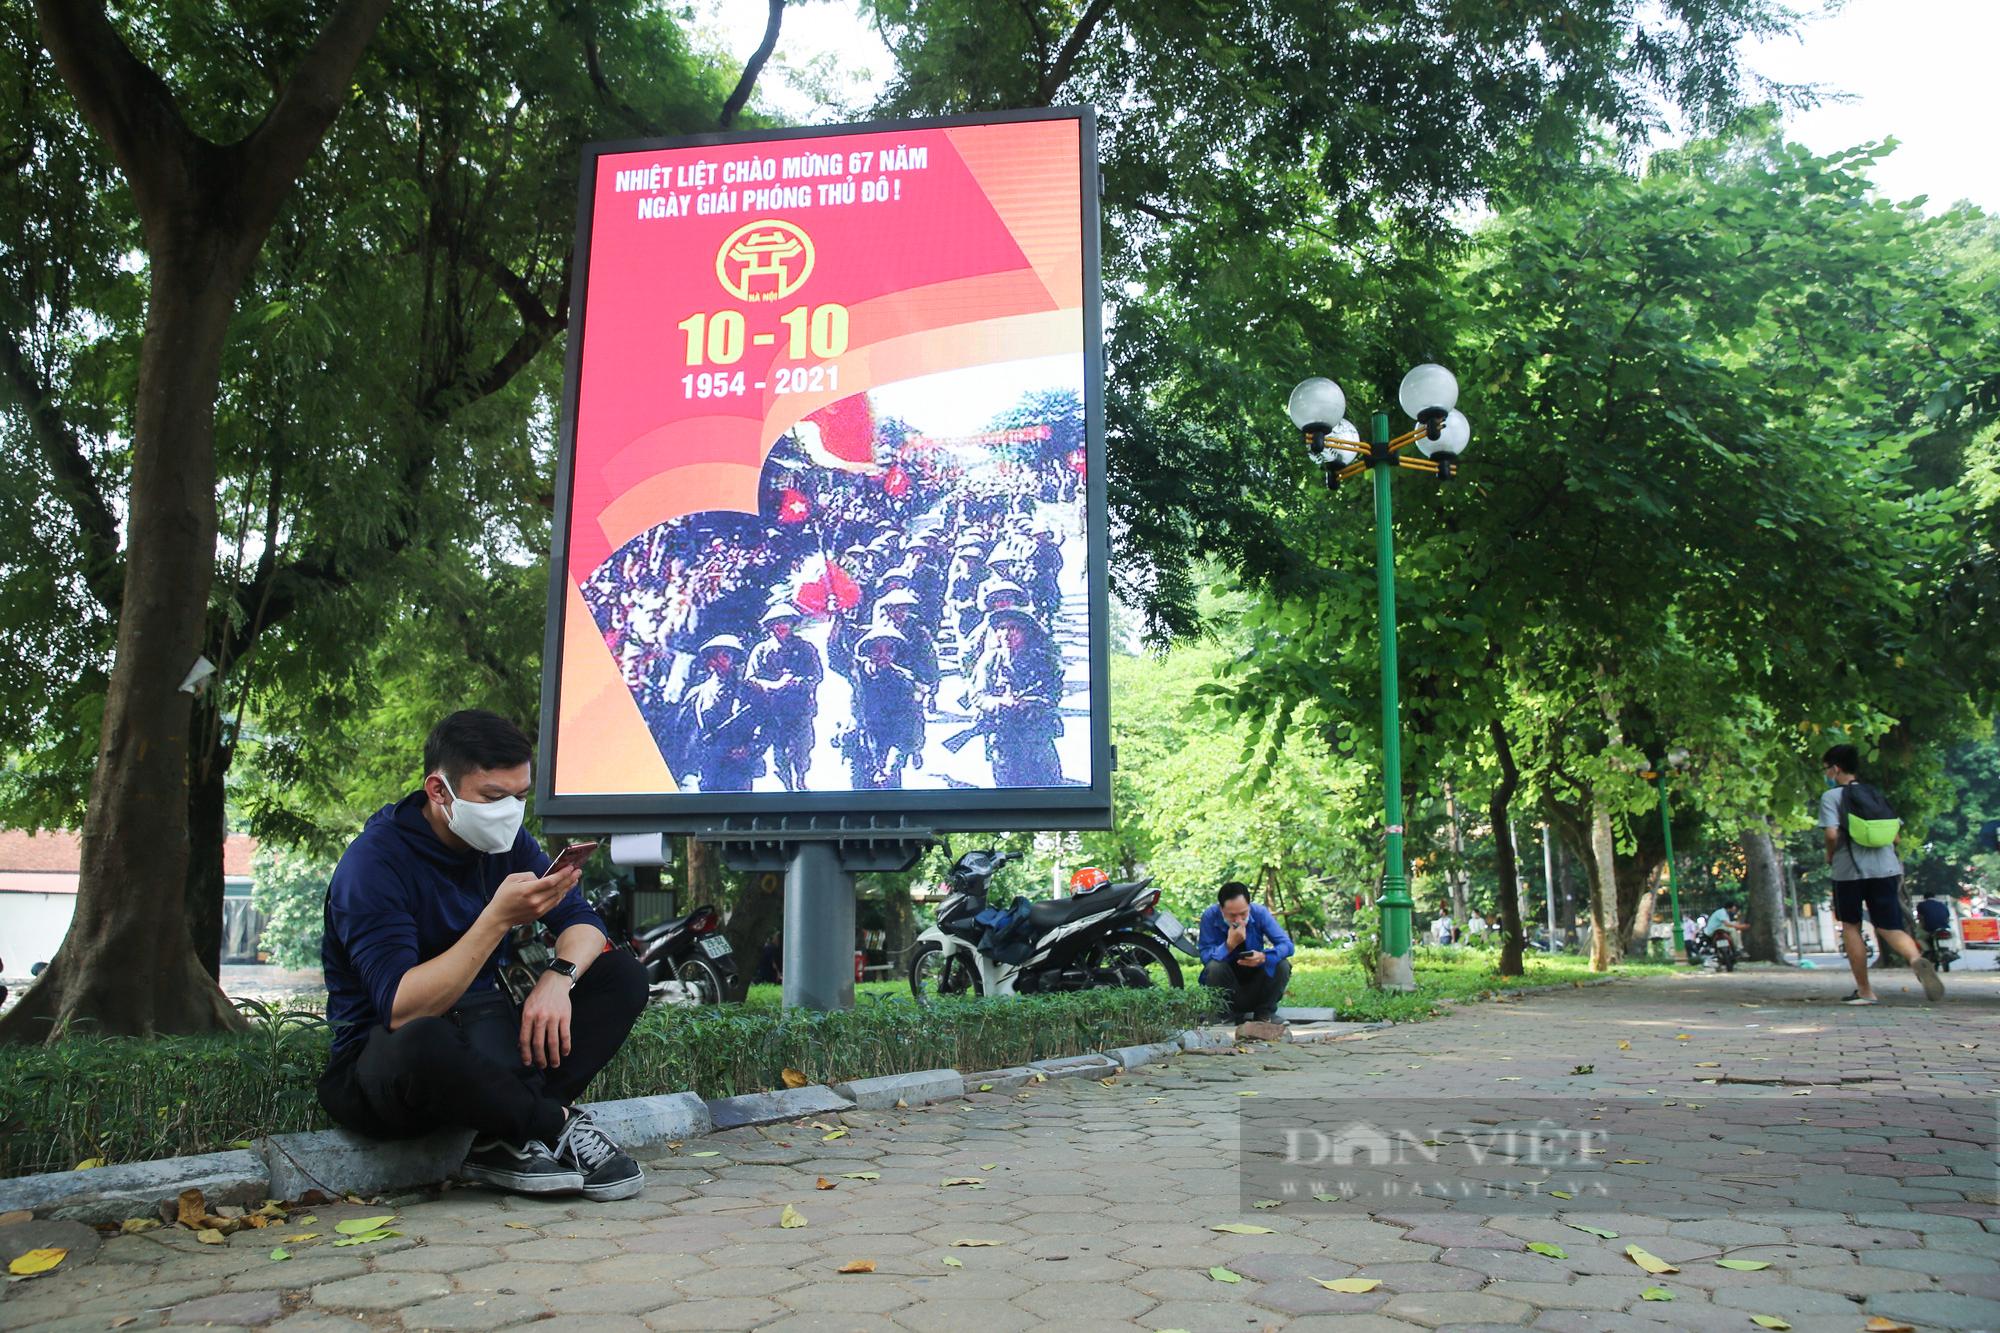 Đường phố Hà Nội rực rỡ chào mừng Ngày Giải phóng Thủ đô  - Ảnh 10.